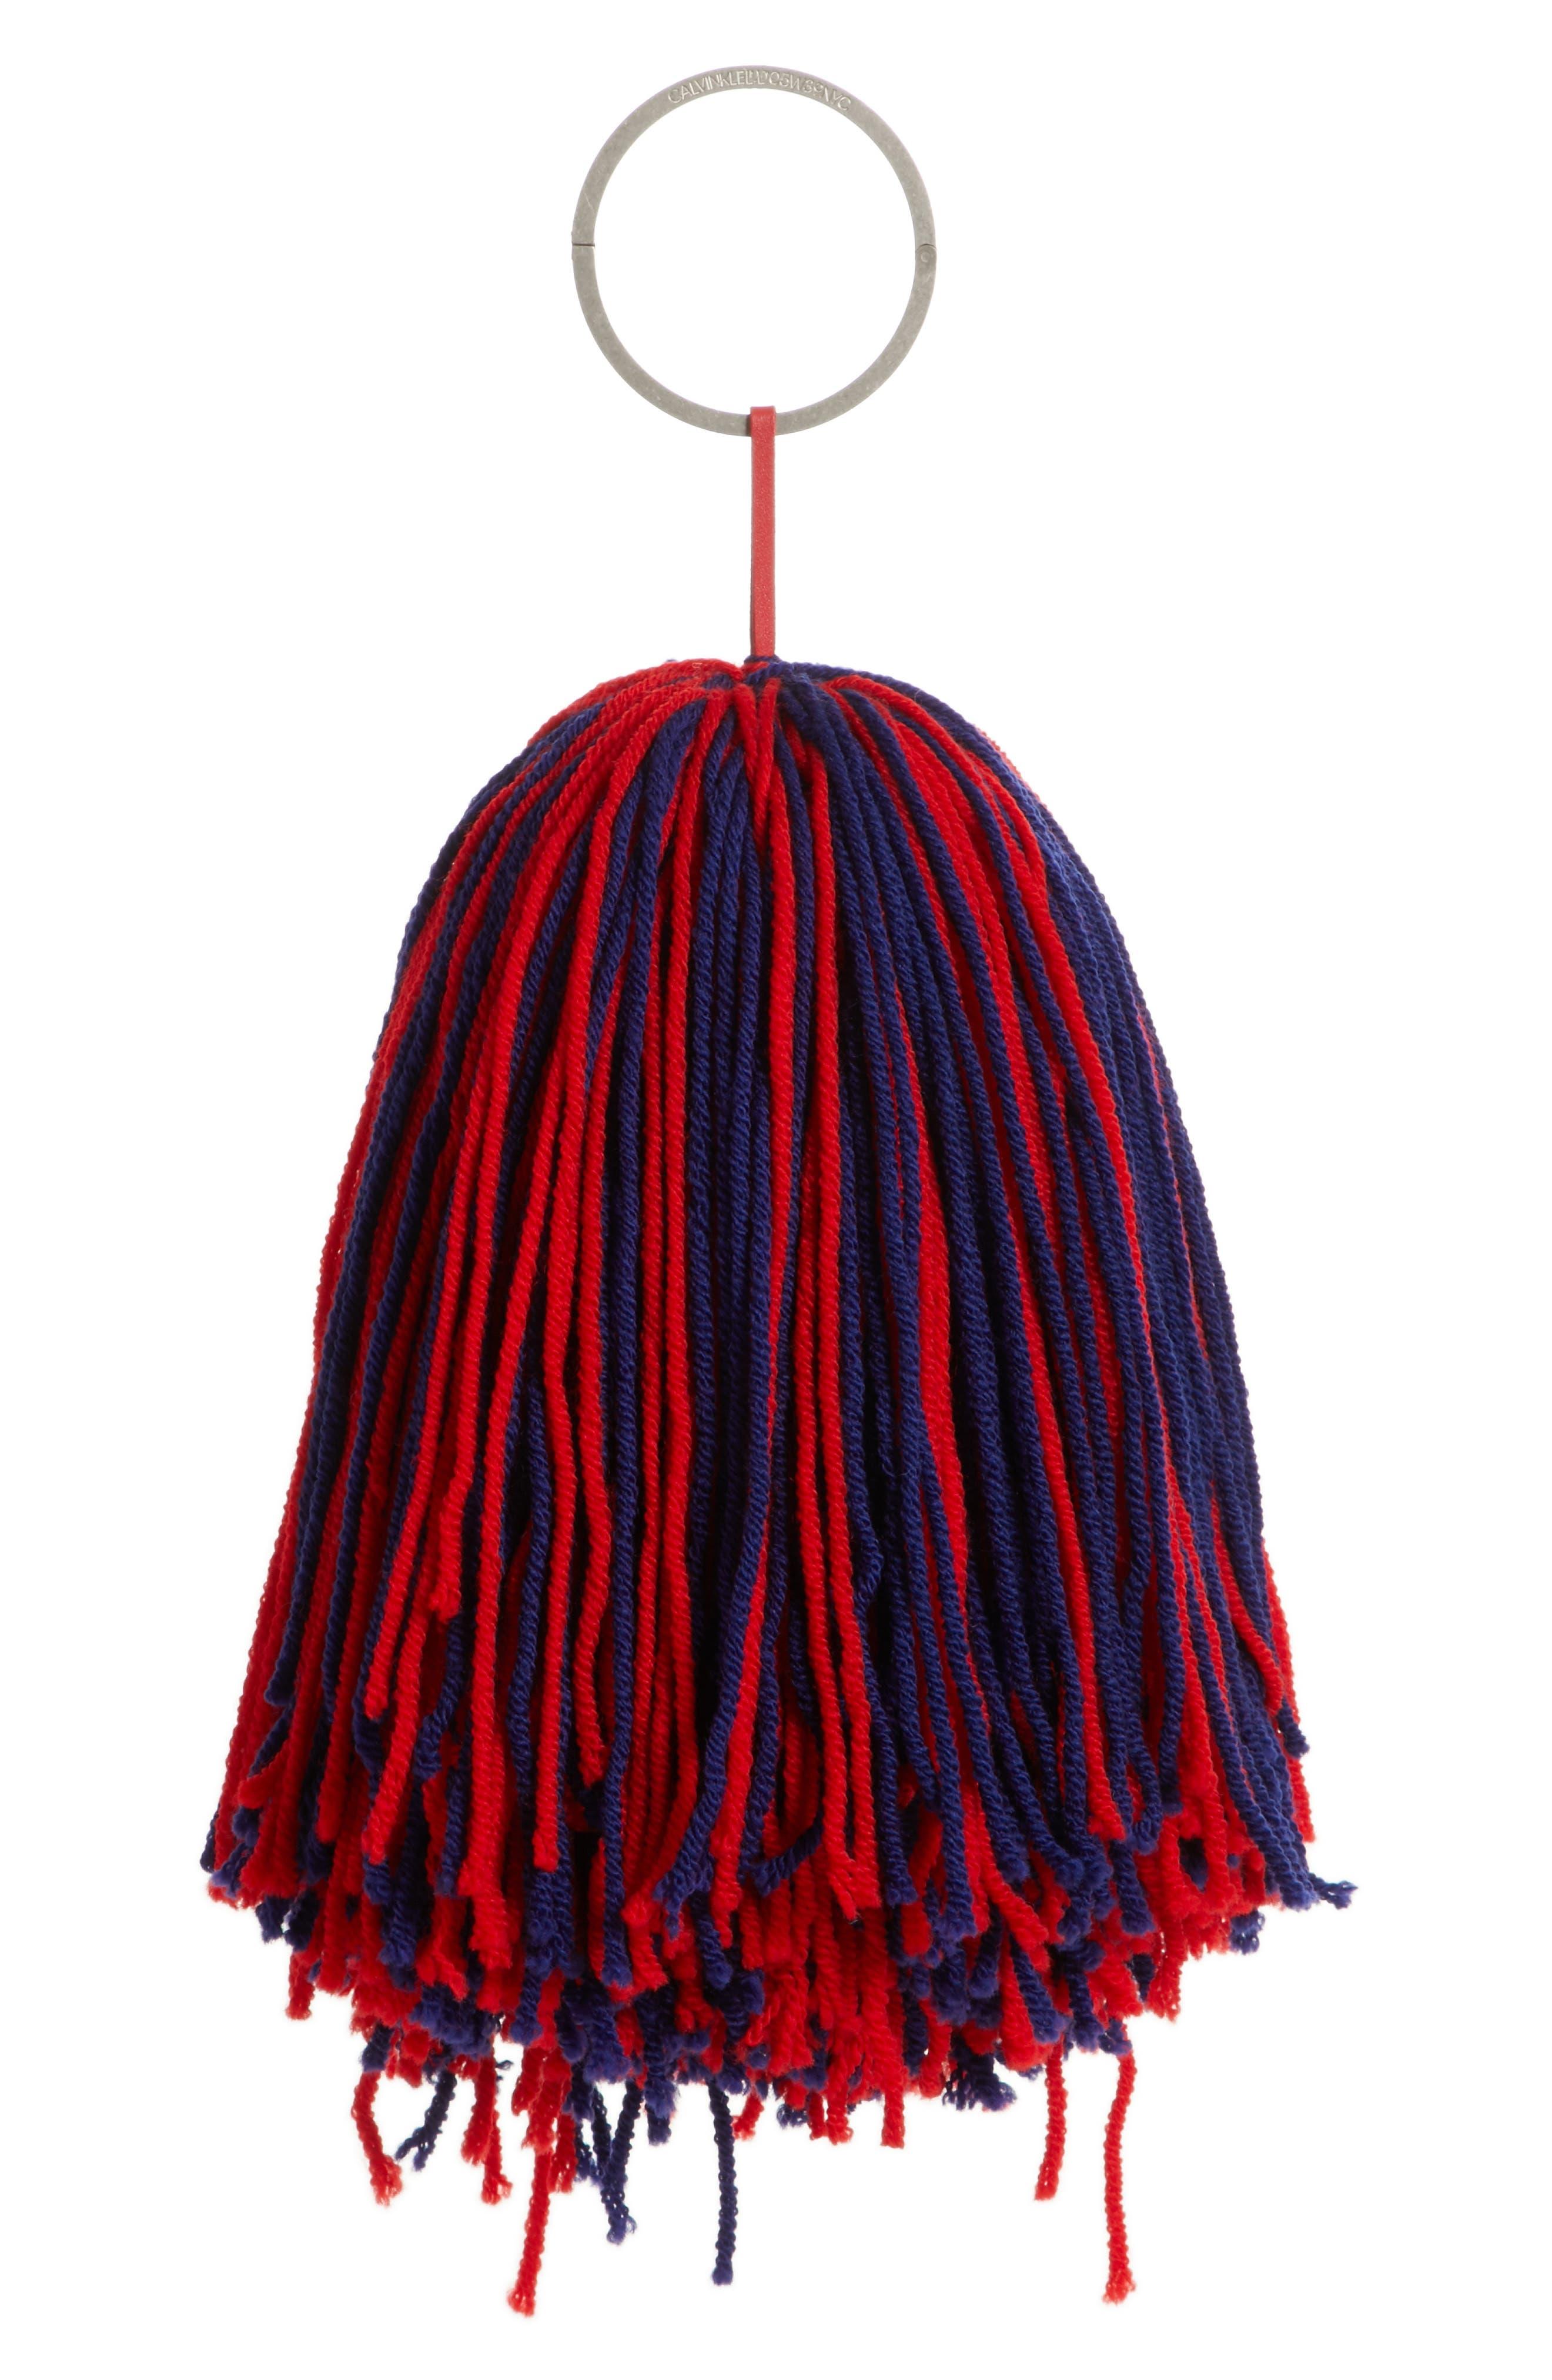 CALVIN KLEIN 205W39NYC Pompom Bag Charm